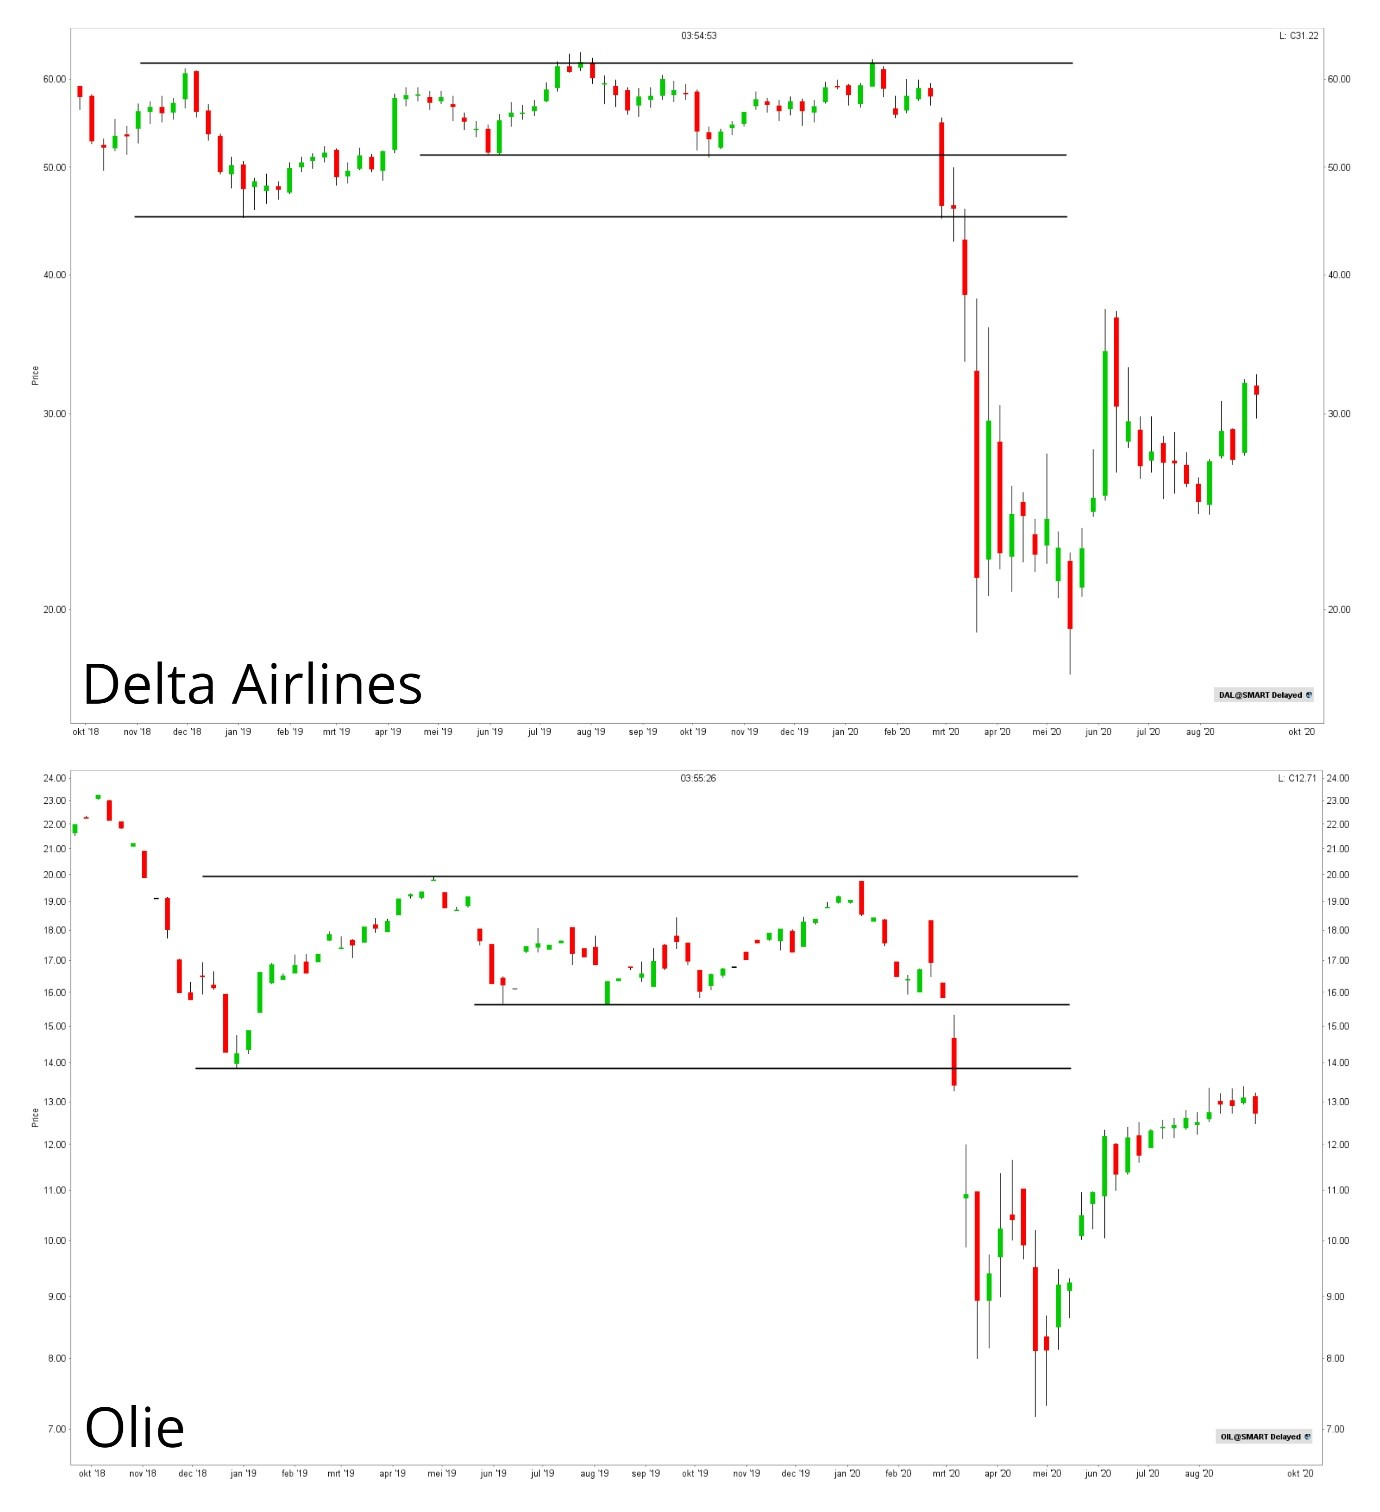 Delta Airlines & Olie correlatie koers